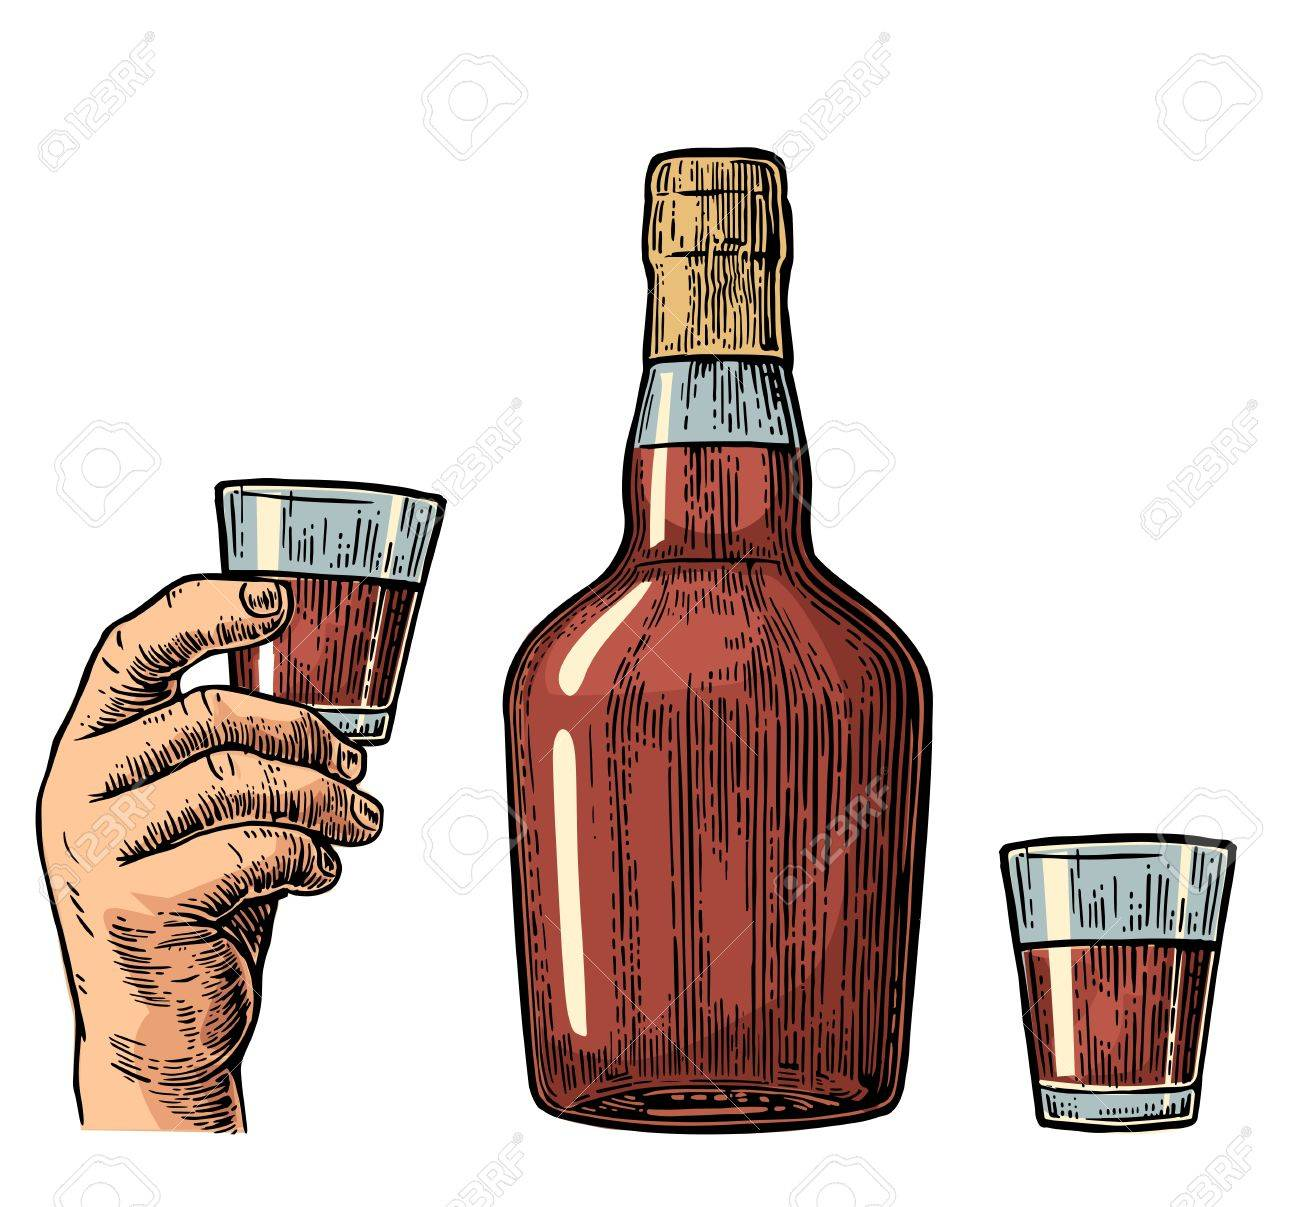 Rum Flasche Und Hand Hält Glas Jahrgang Farbe Gravur Illustration